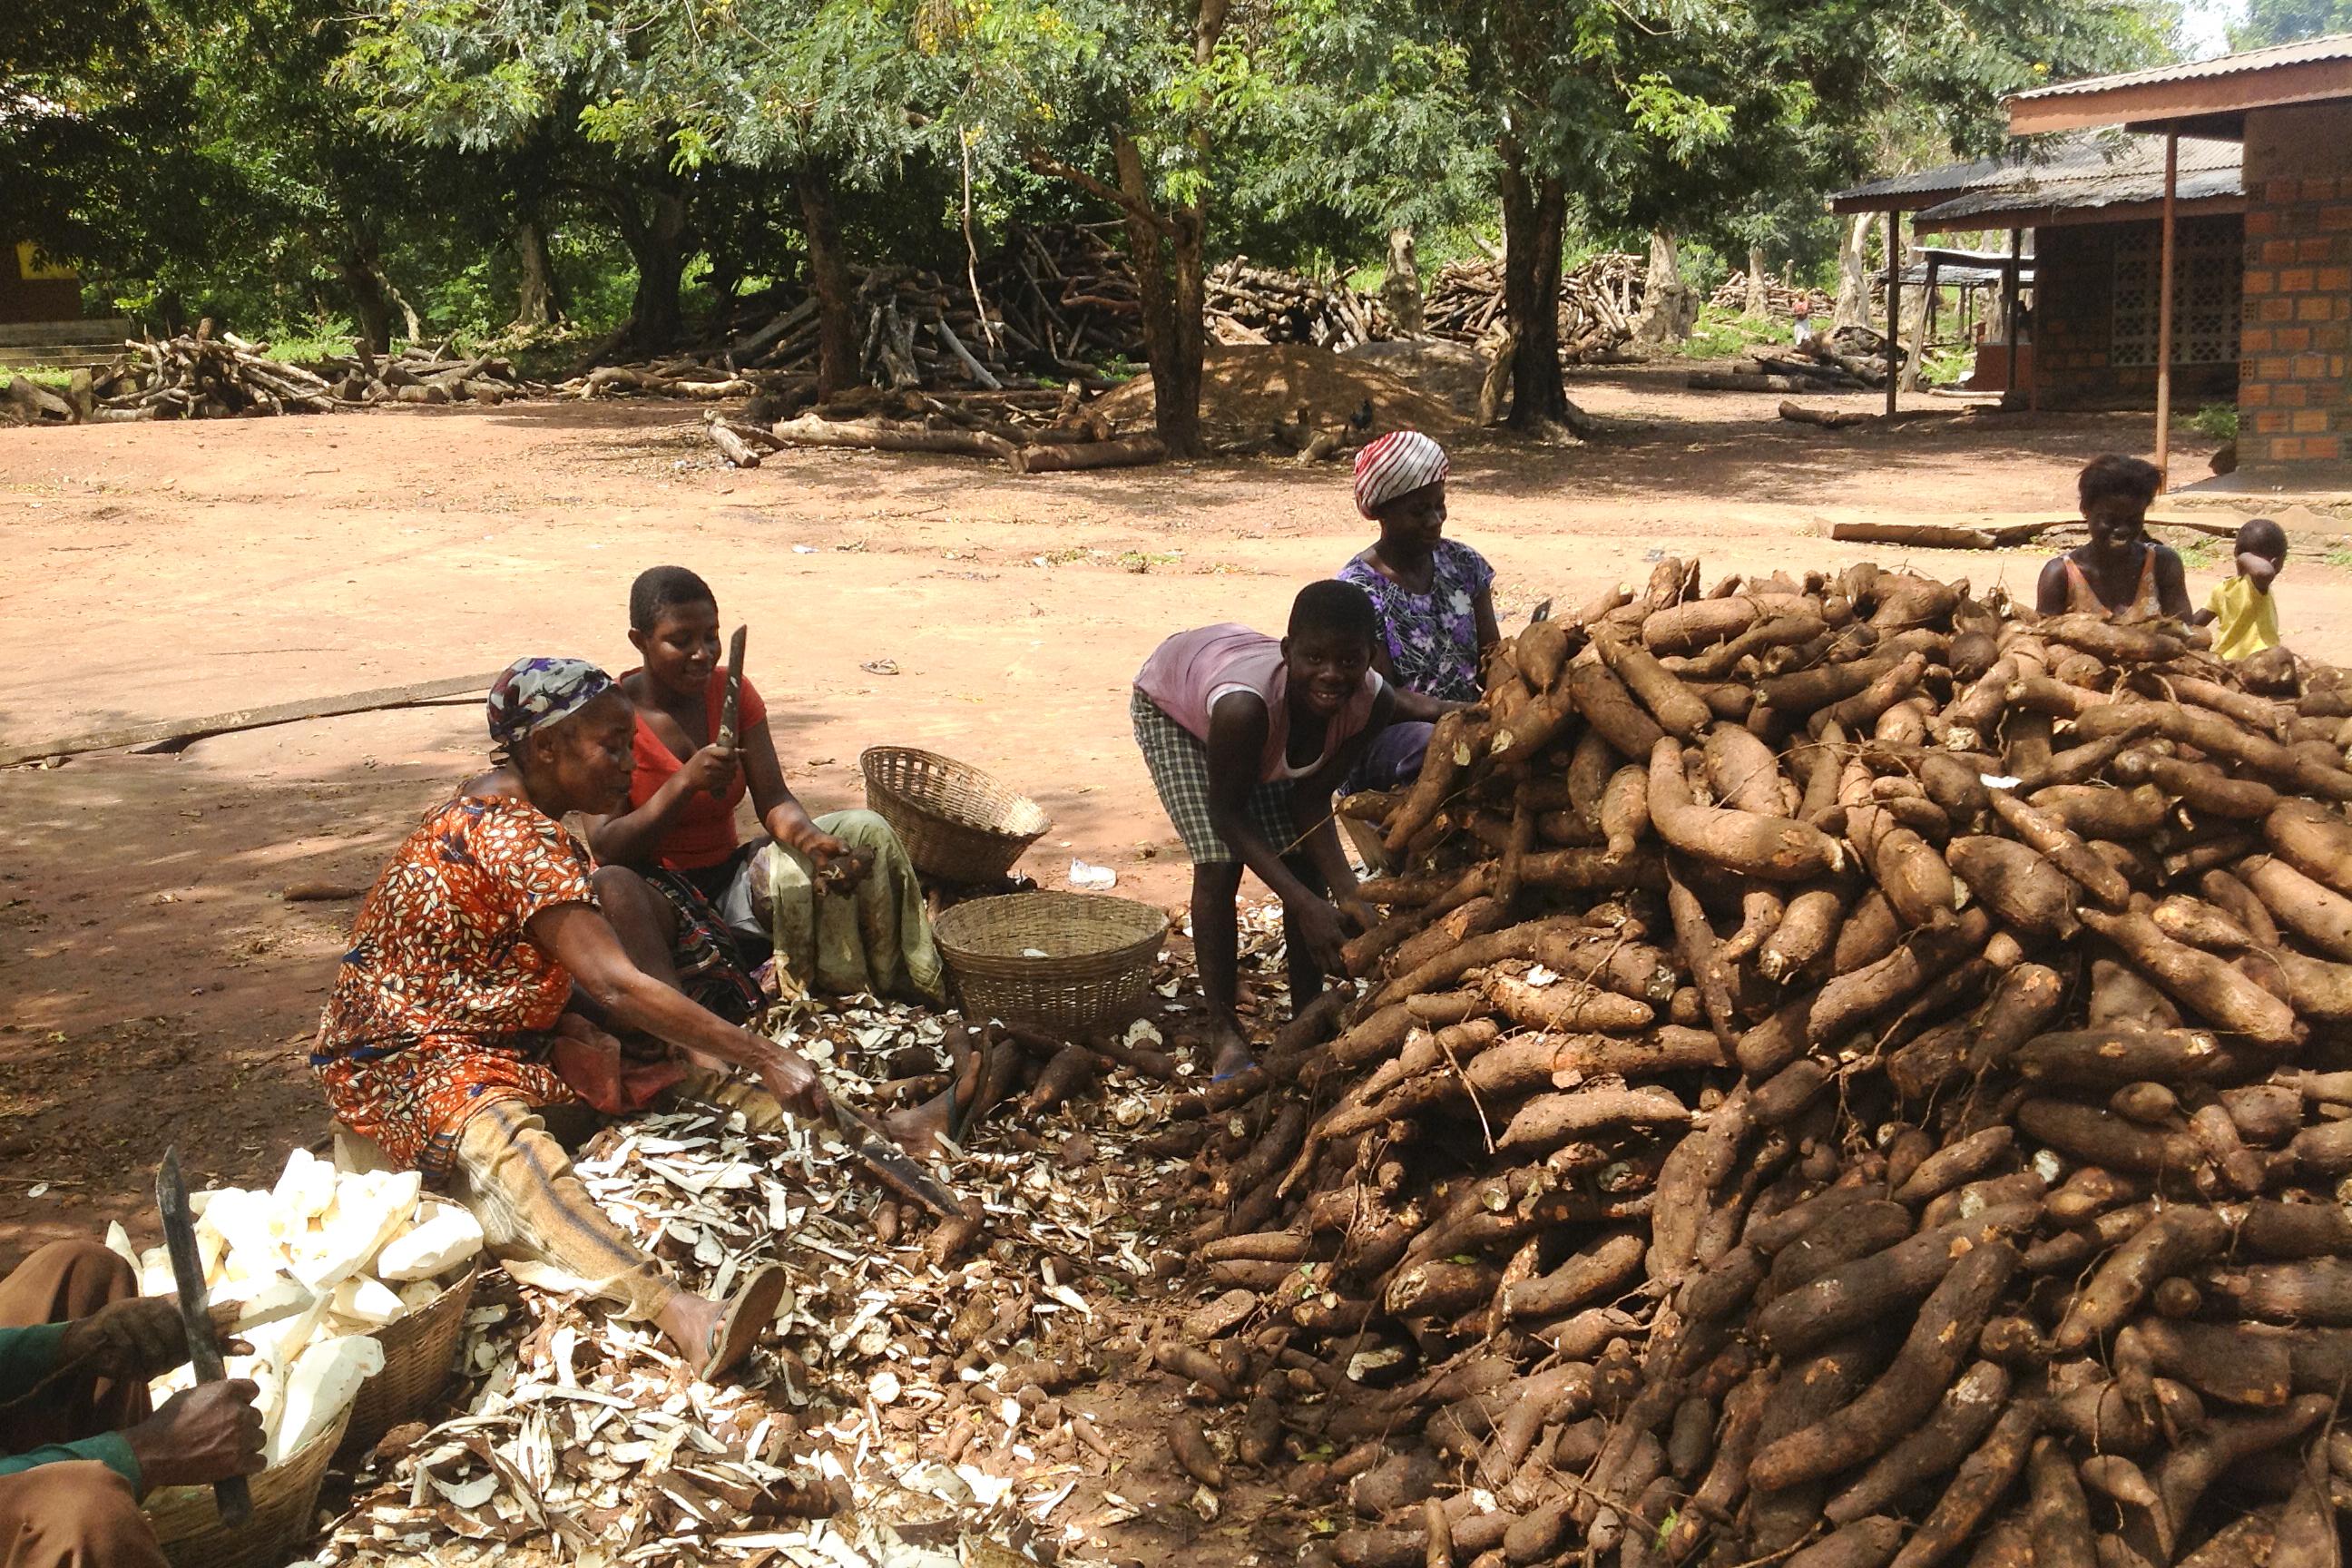 Les femmes sont en train de peler des maniocs (Crédit: ©IFPRI/Antony Chapoto / Flickr Creative Commons Attribution-NonCommercial-NoDerivs 2.0 Generic (CC BY-NC-ND 2.0))